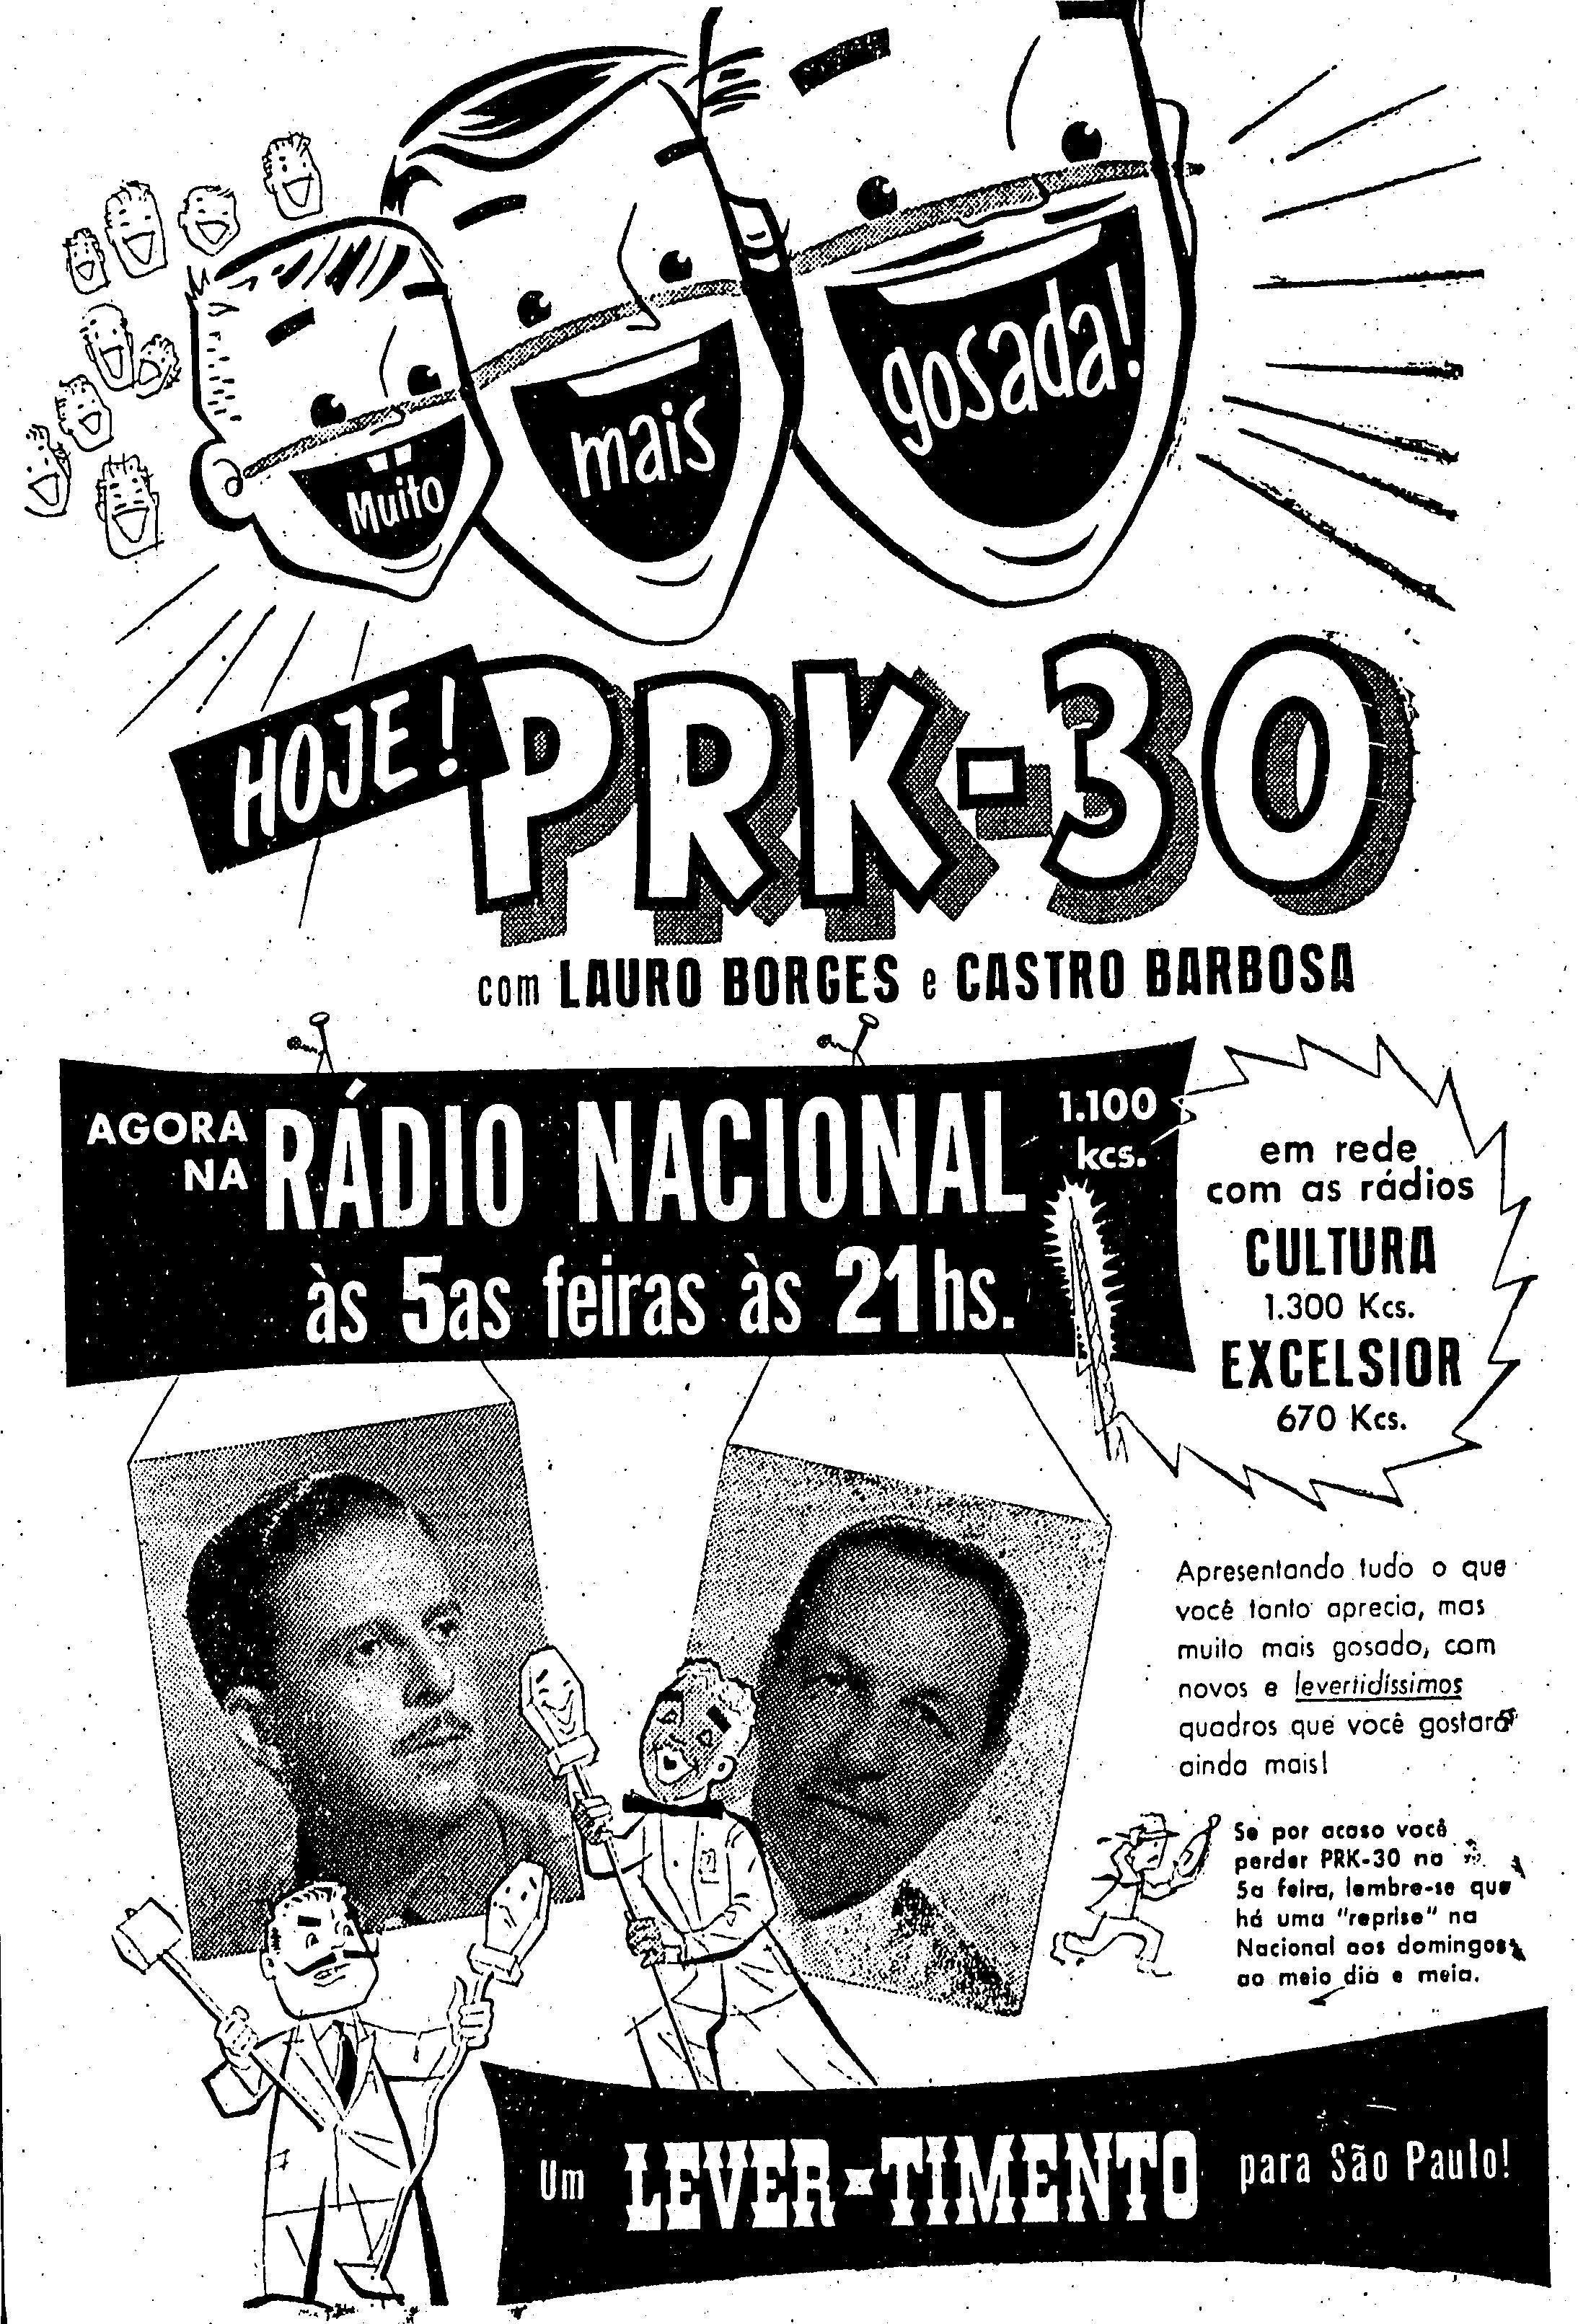 PRK-30 com Lauro Borges e Castro Barbosa. Na Rádio Nacional, em rede com as rádios Cultura e Excelsior. Um Le… | Rádios, Propagandas antigas, Propagandas criativas